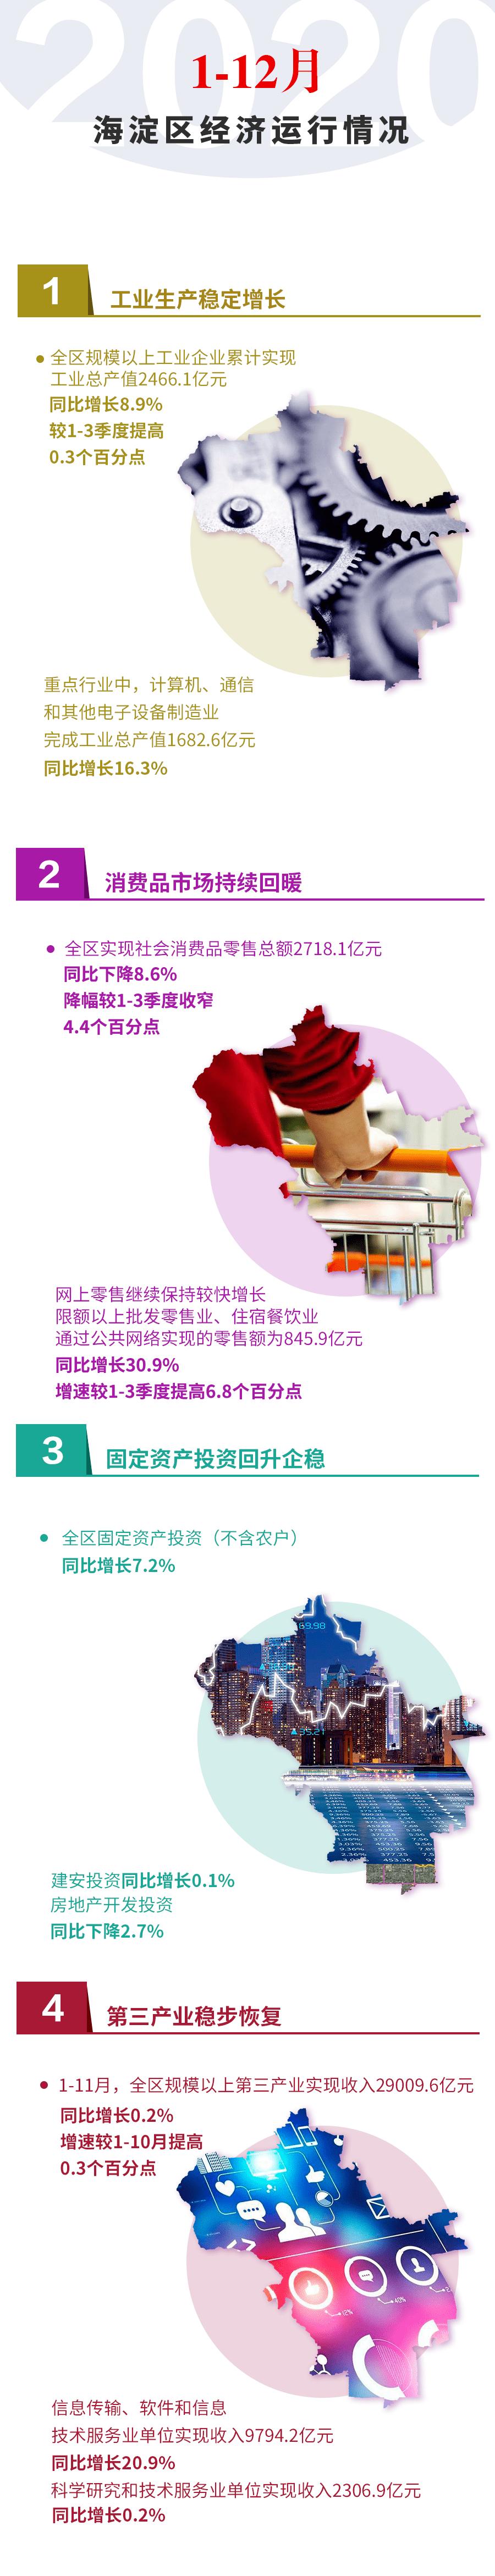 星辉开户地址-首页[1.1.1]